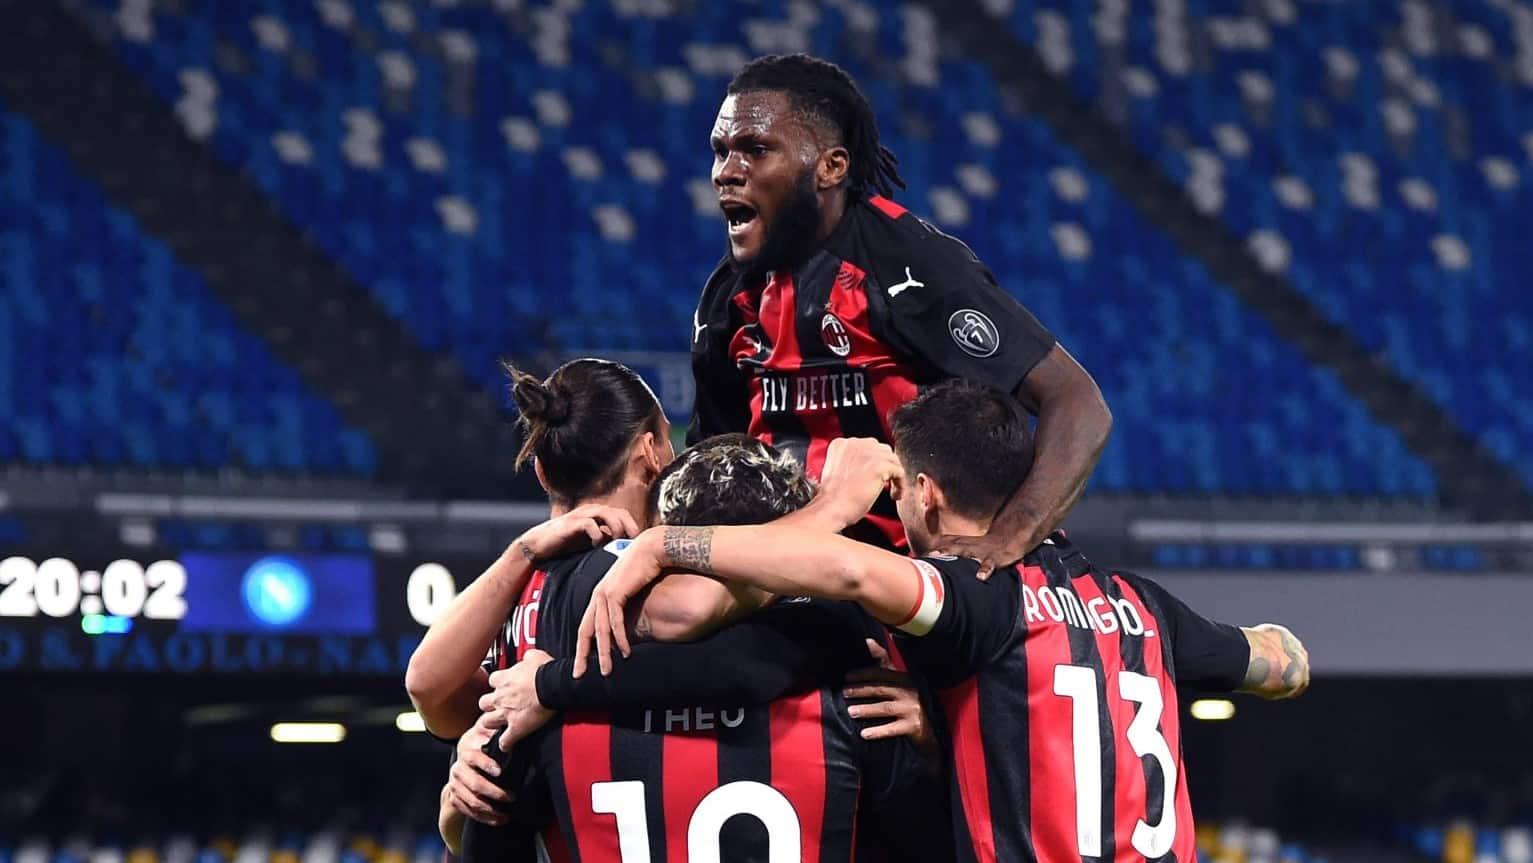 Esultanza Milan dopo il 3-1 inflitto al Napoli